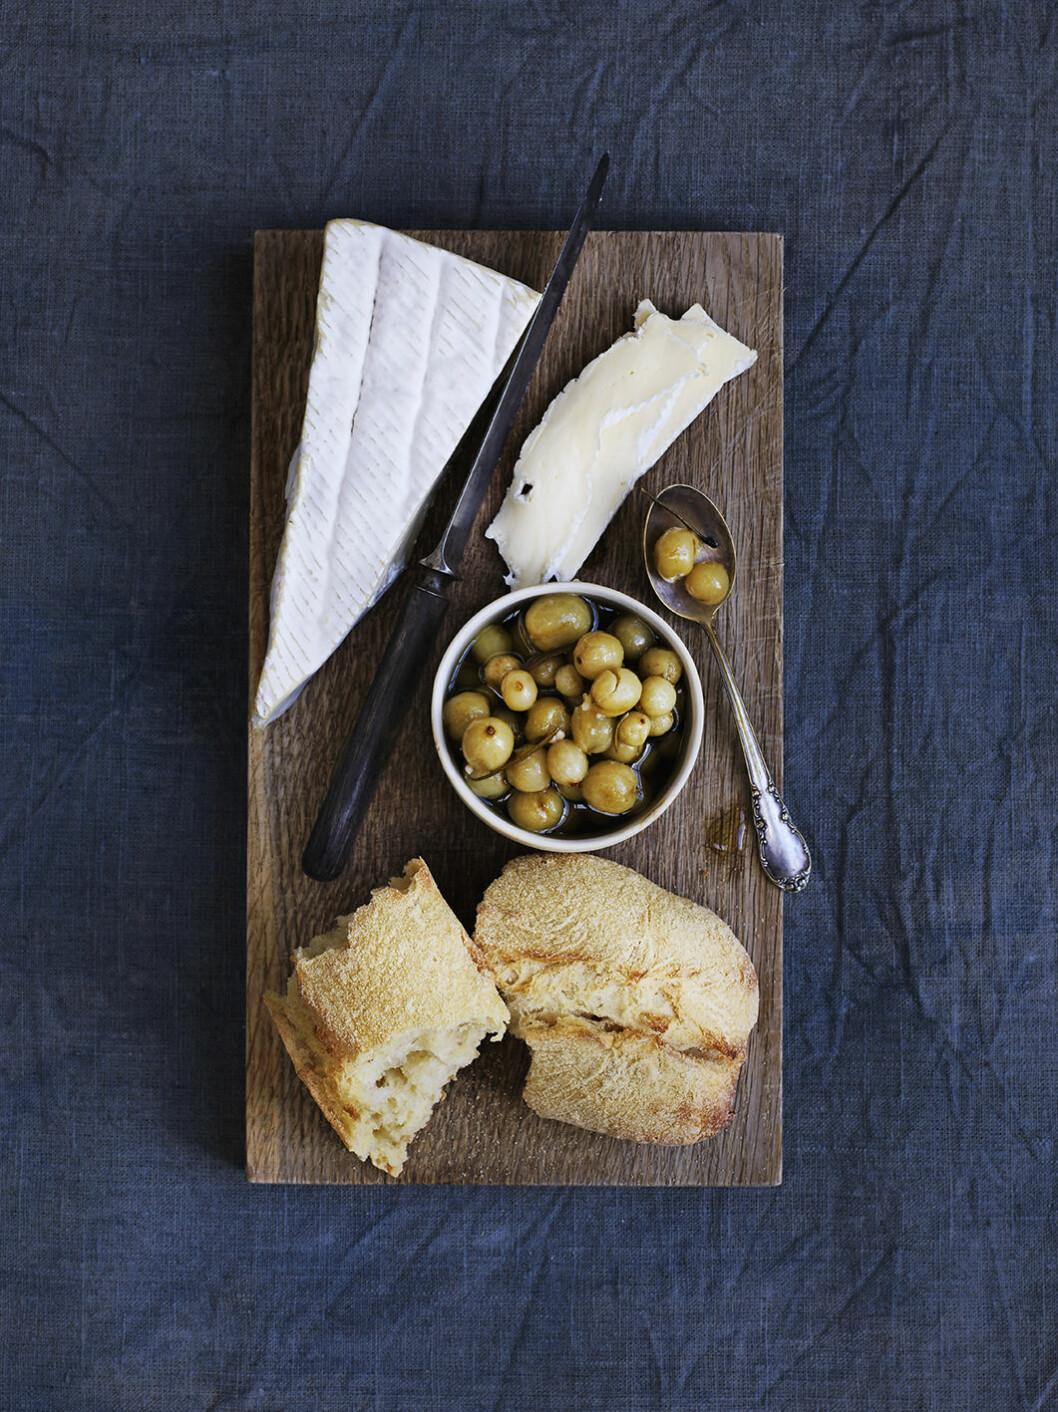 Recvept ostbricka med syltade krusbär.